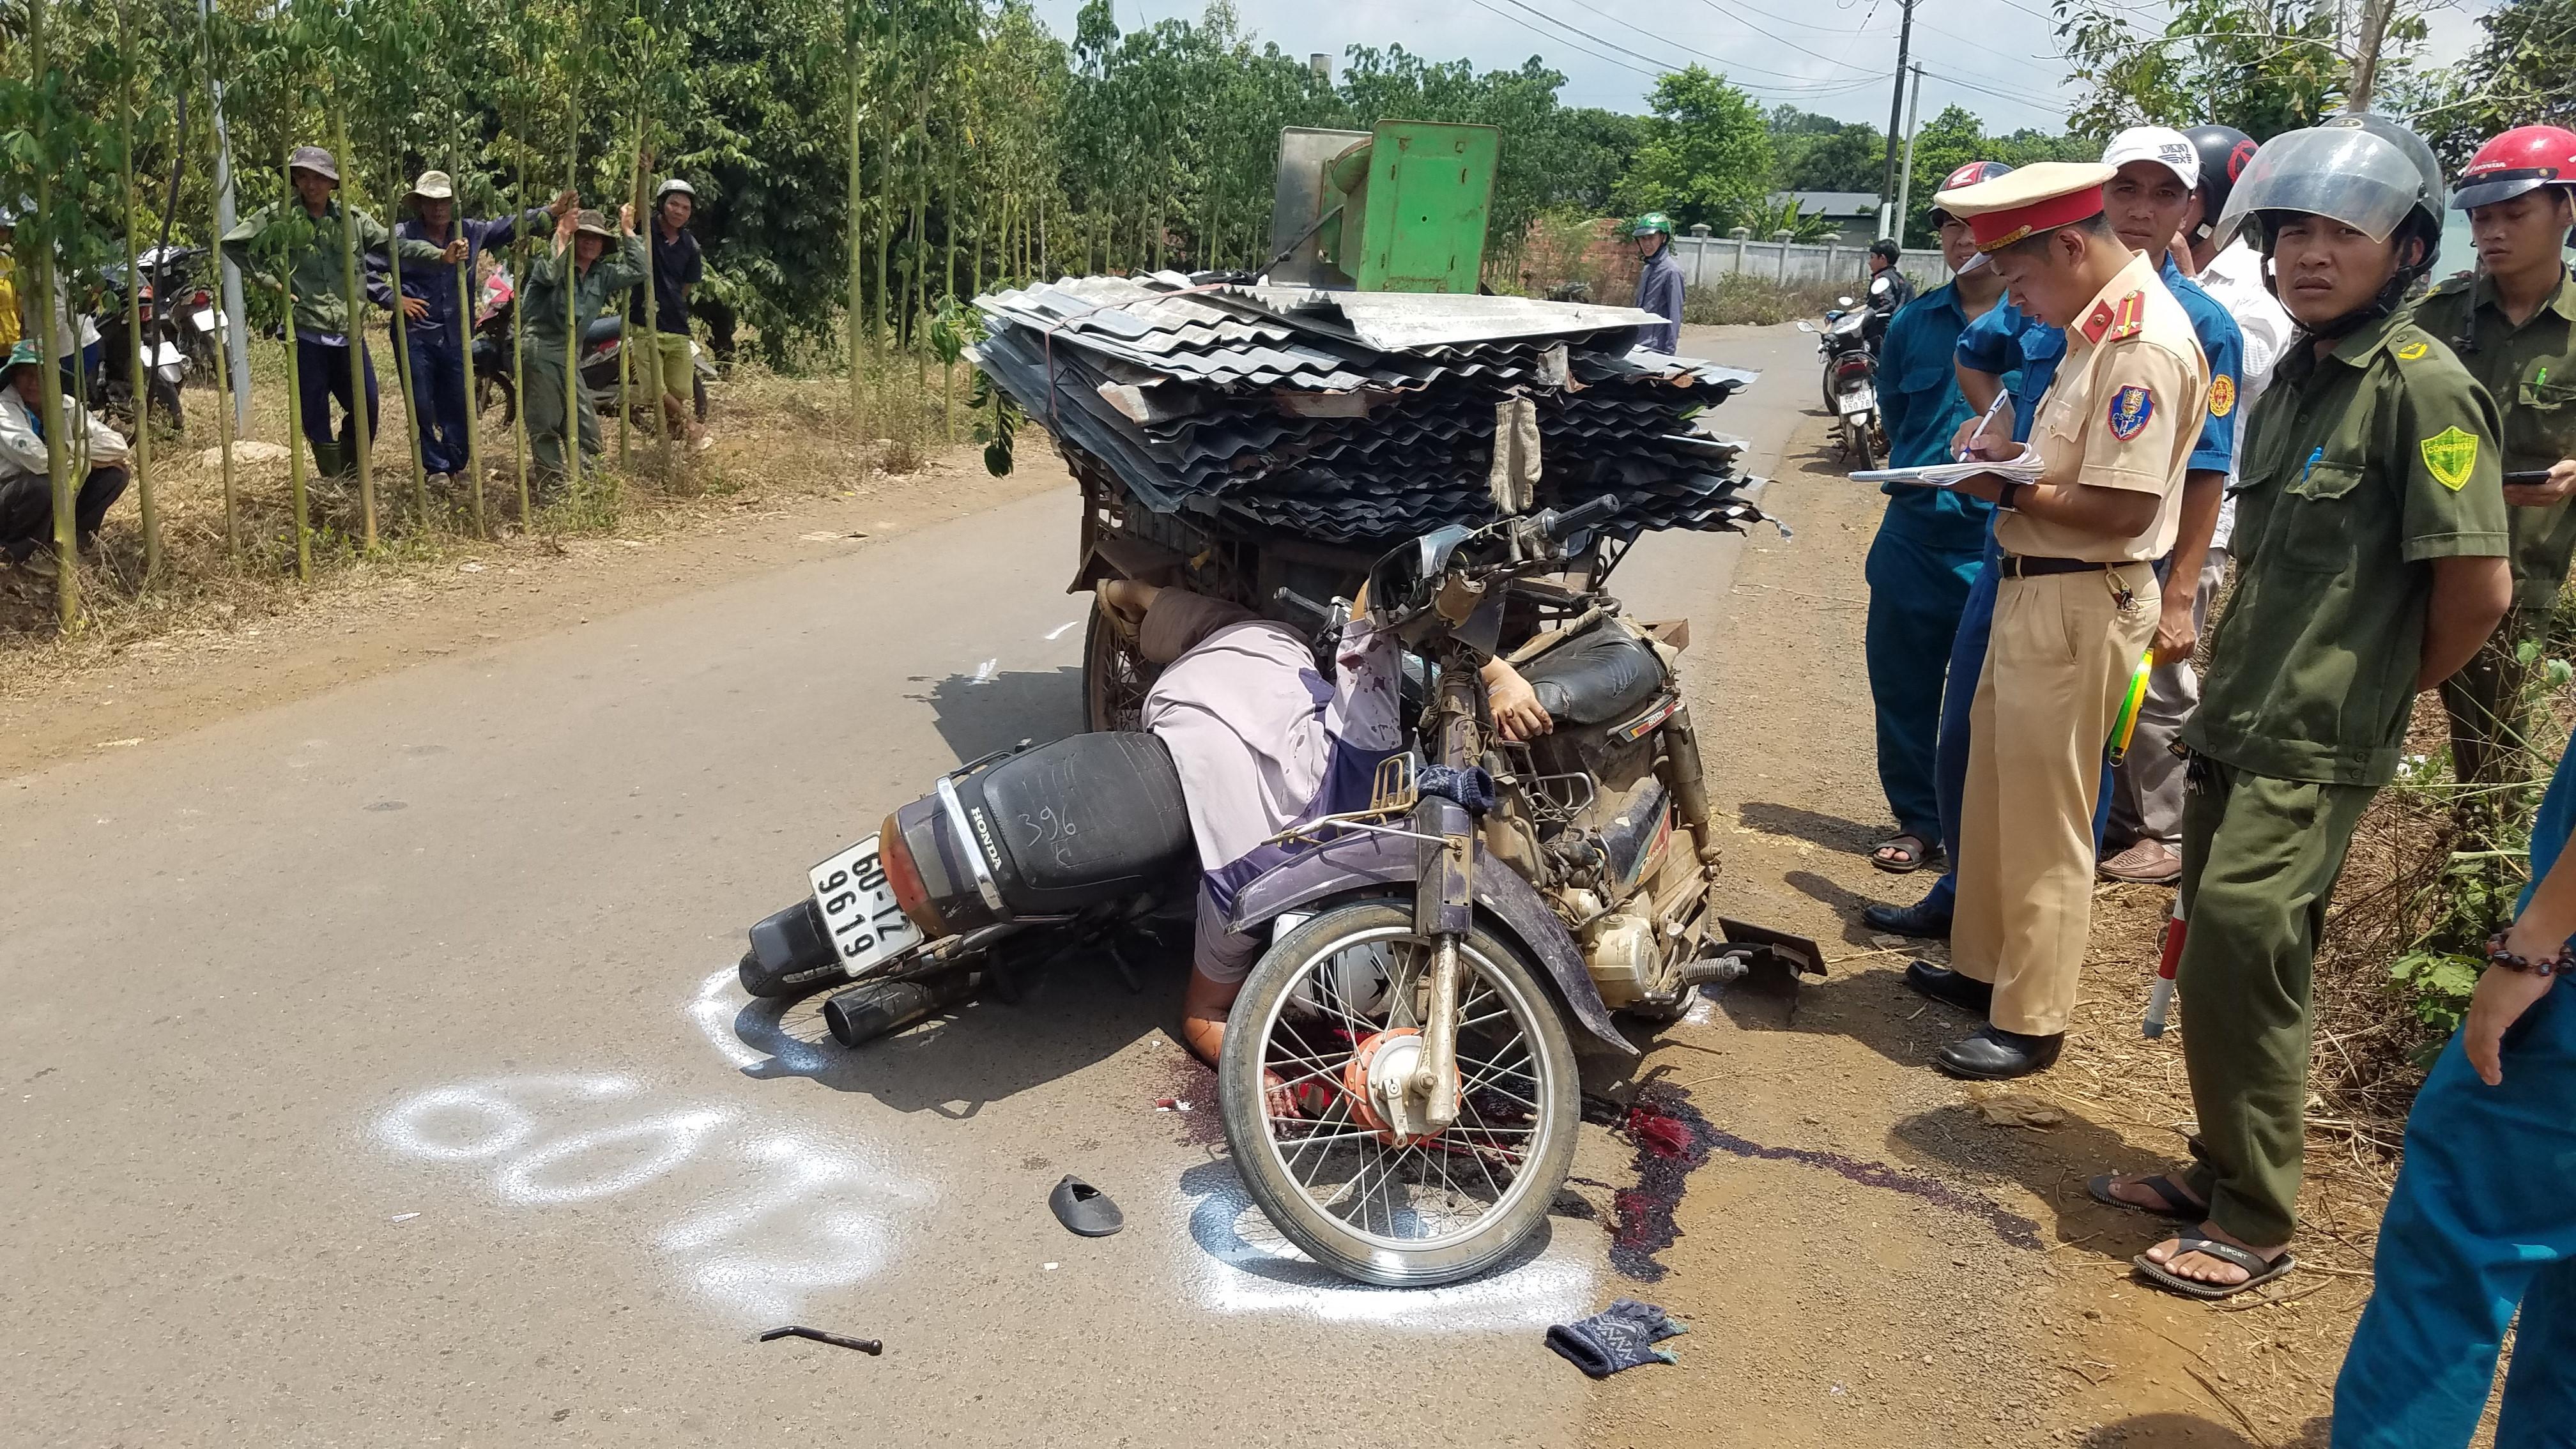 Va chạm xe chở tôn, người đi xe máy bị cắt vào cổ, tử vong Ảnh 1